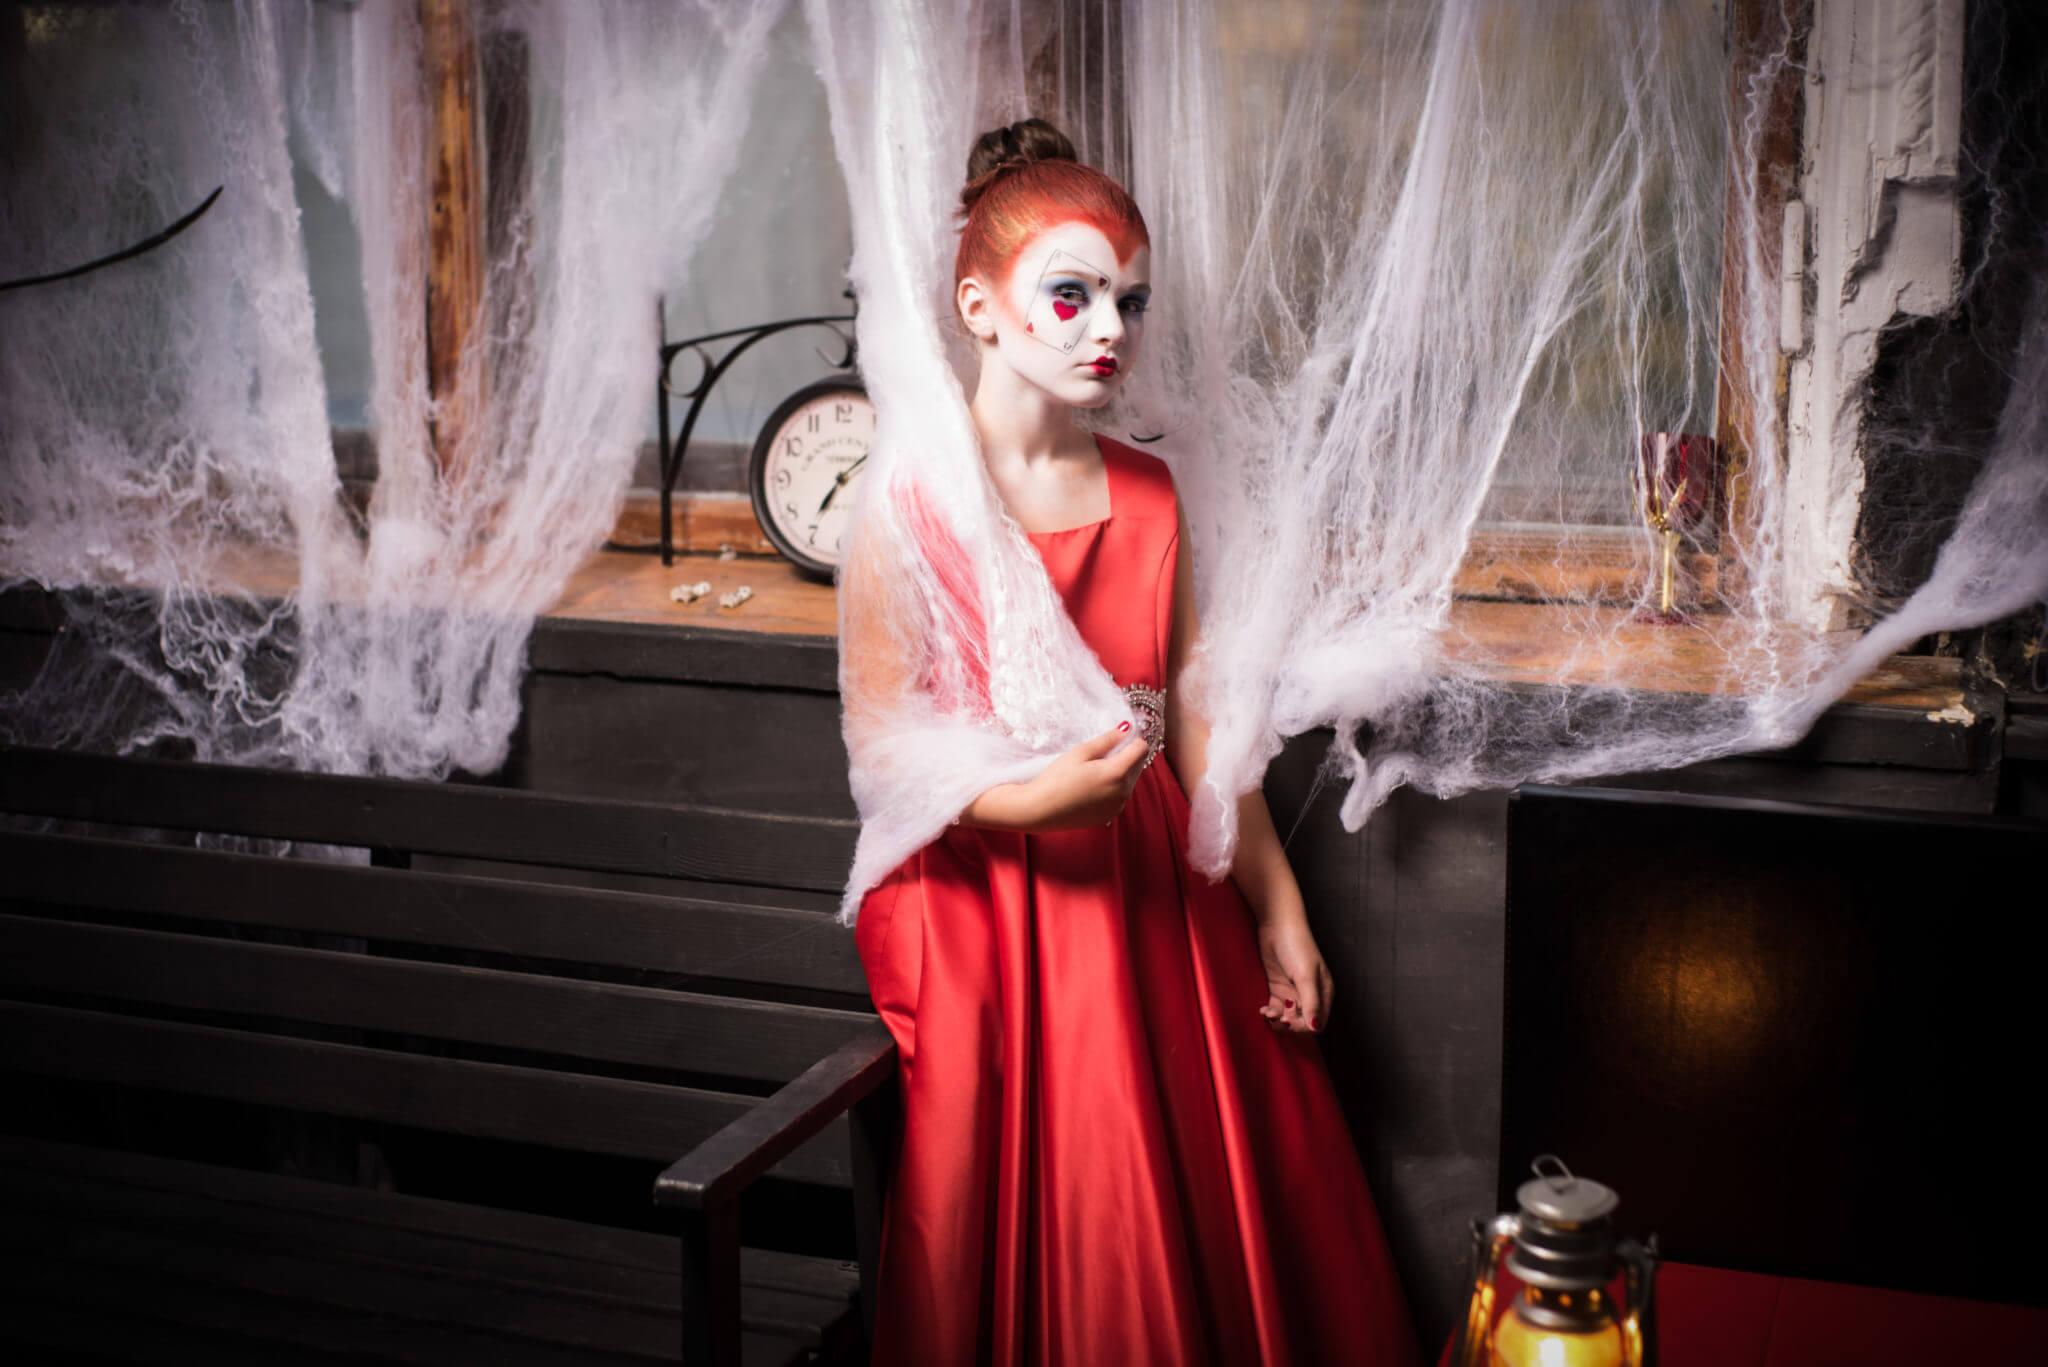 Фотосессия на Хэллоуин, ph Постникова Алиса, девочка в красном платье на фоне окна и паутины